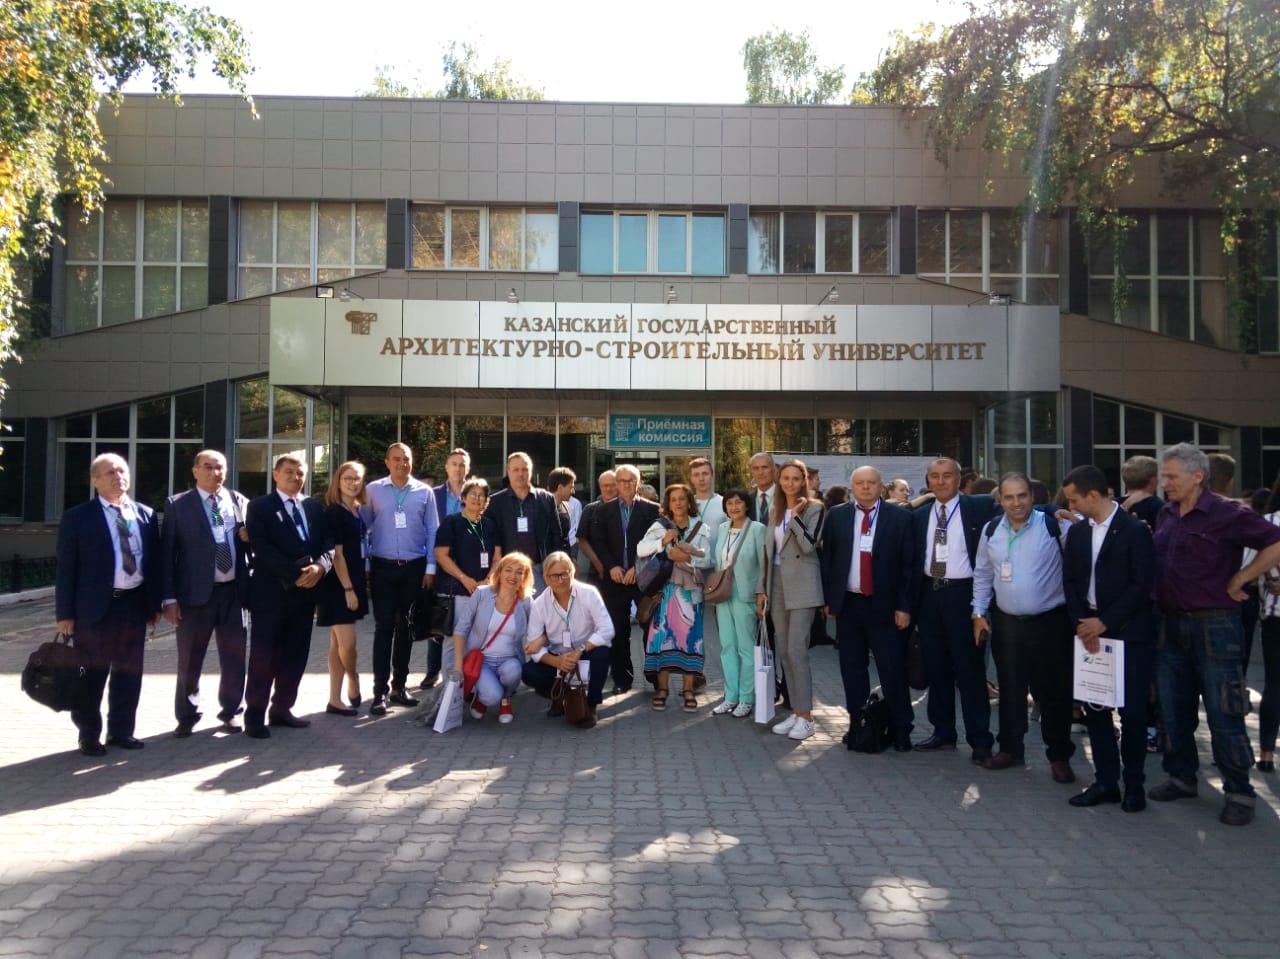 Skupinska fotografija pred poslopjem univerze